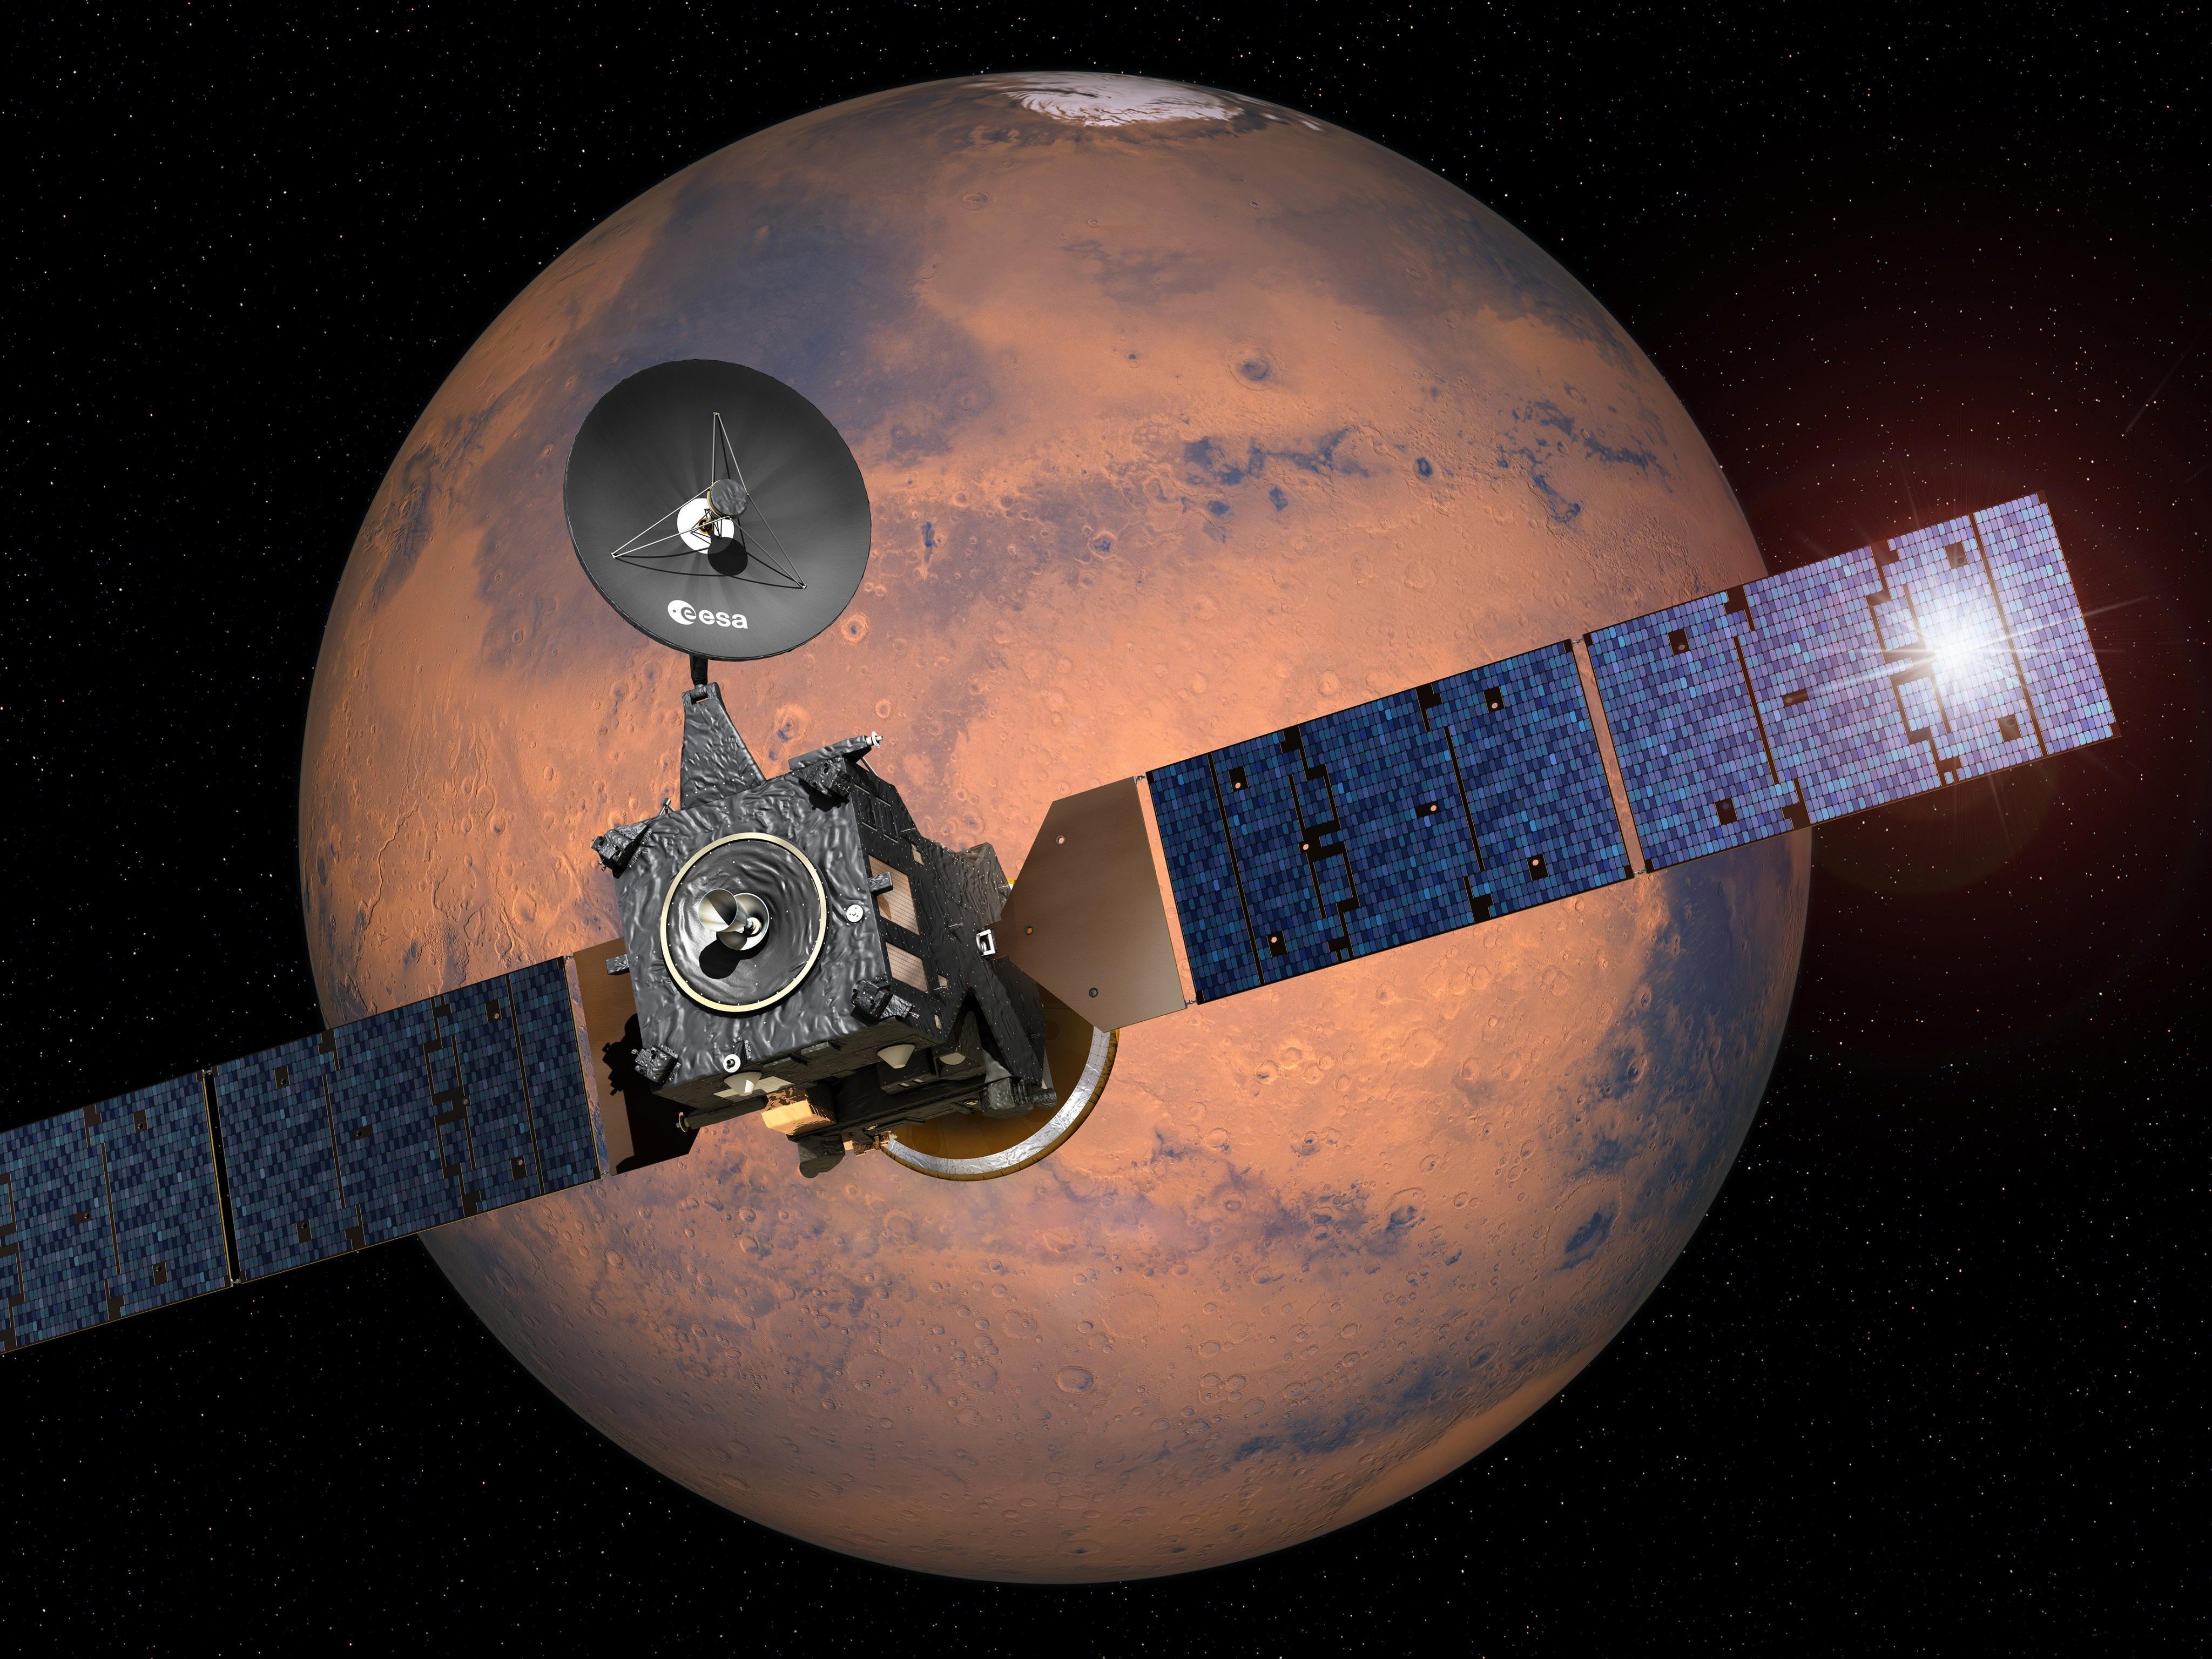 Der halbe Weg zum Mars wurde bereits zurückgelegt